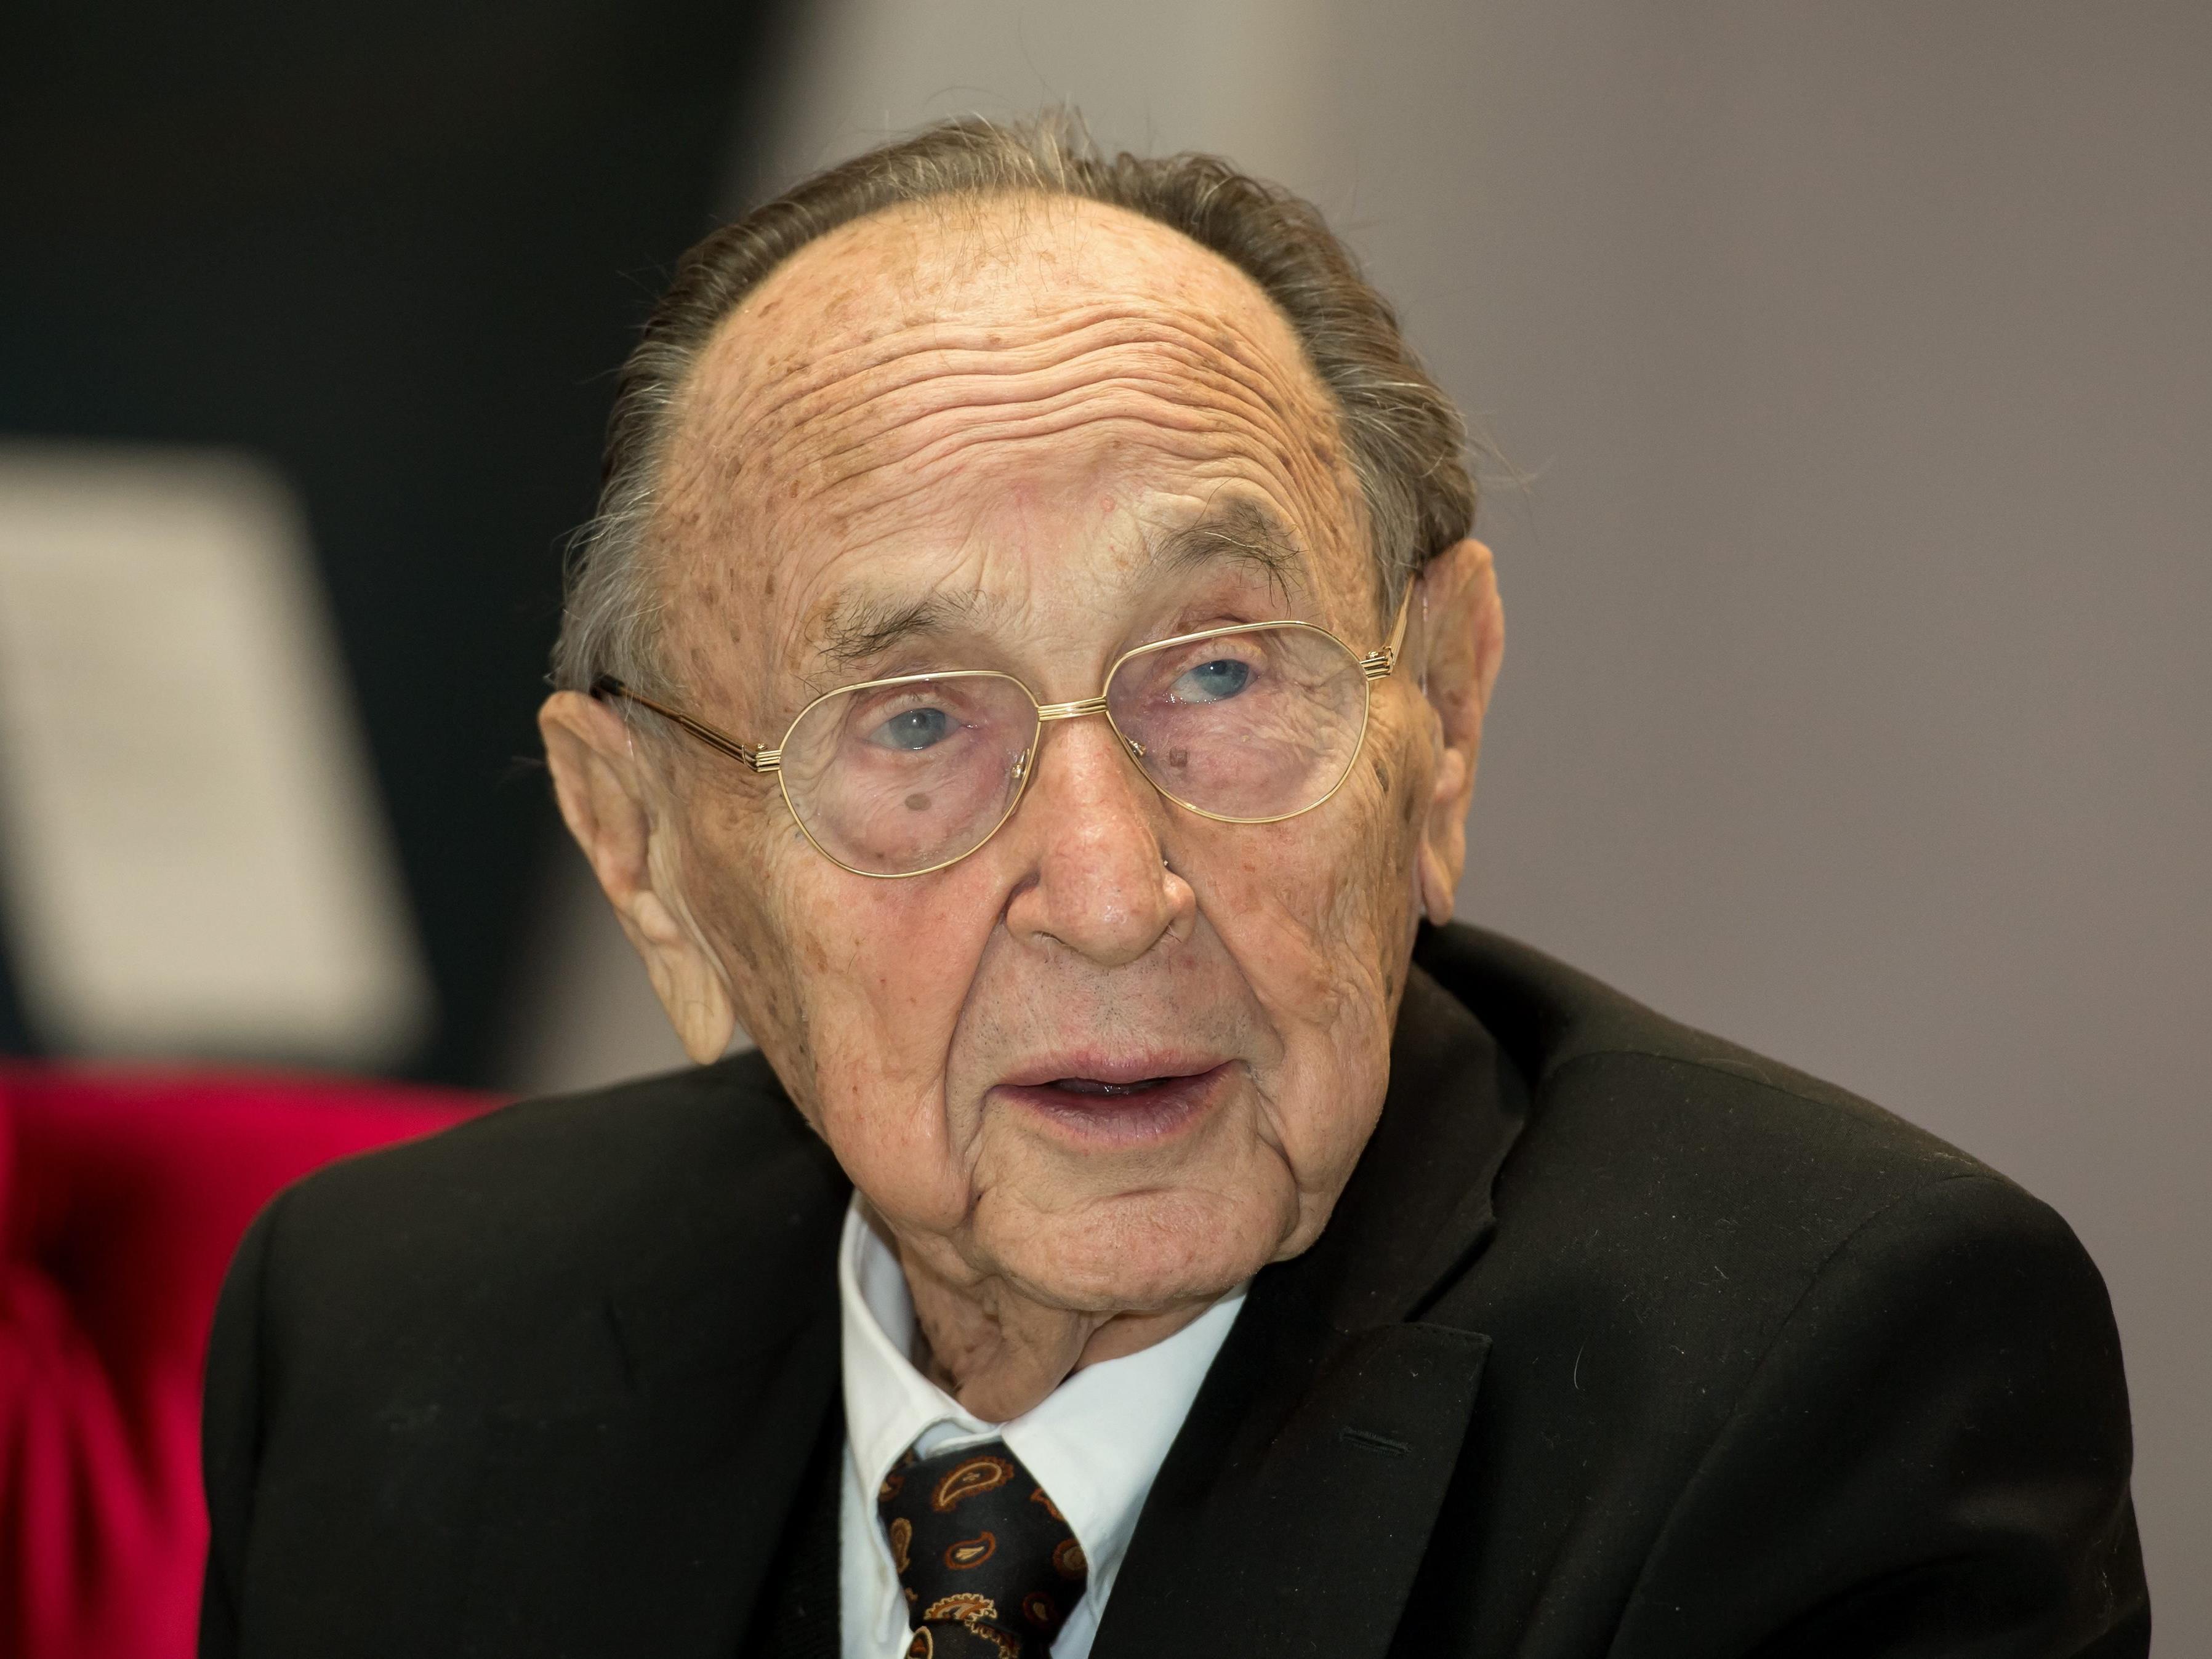 """Hans-Dietrich Genscher im November 2015, als er in München mit dem """"Querdenker-Preis"""" ausgezeichnet wurde."""